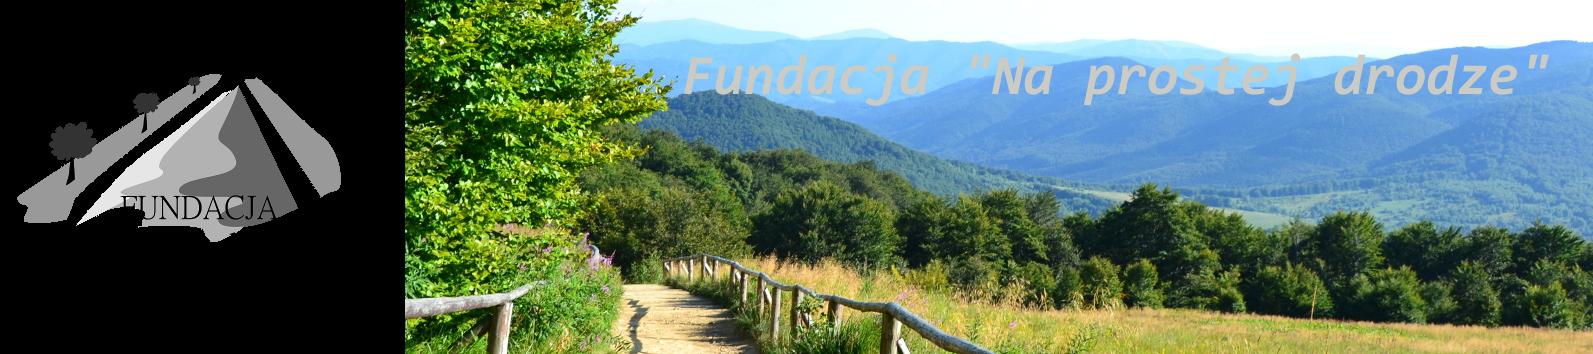 Fundacja Na prostej drodze